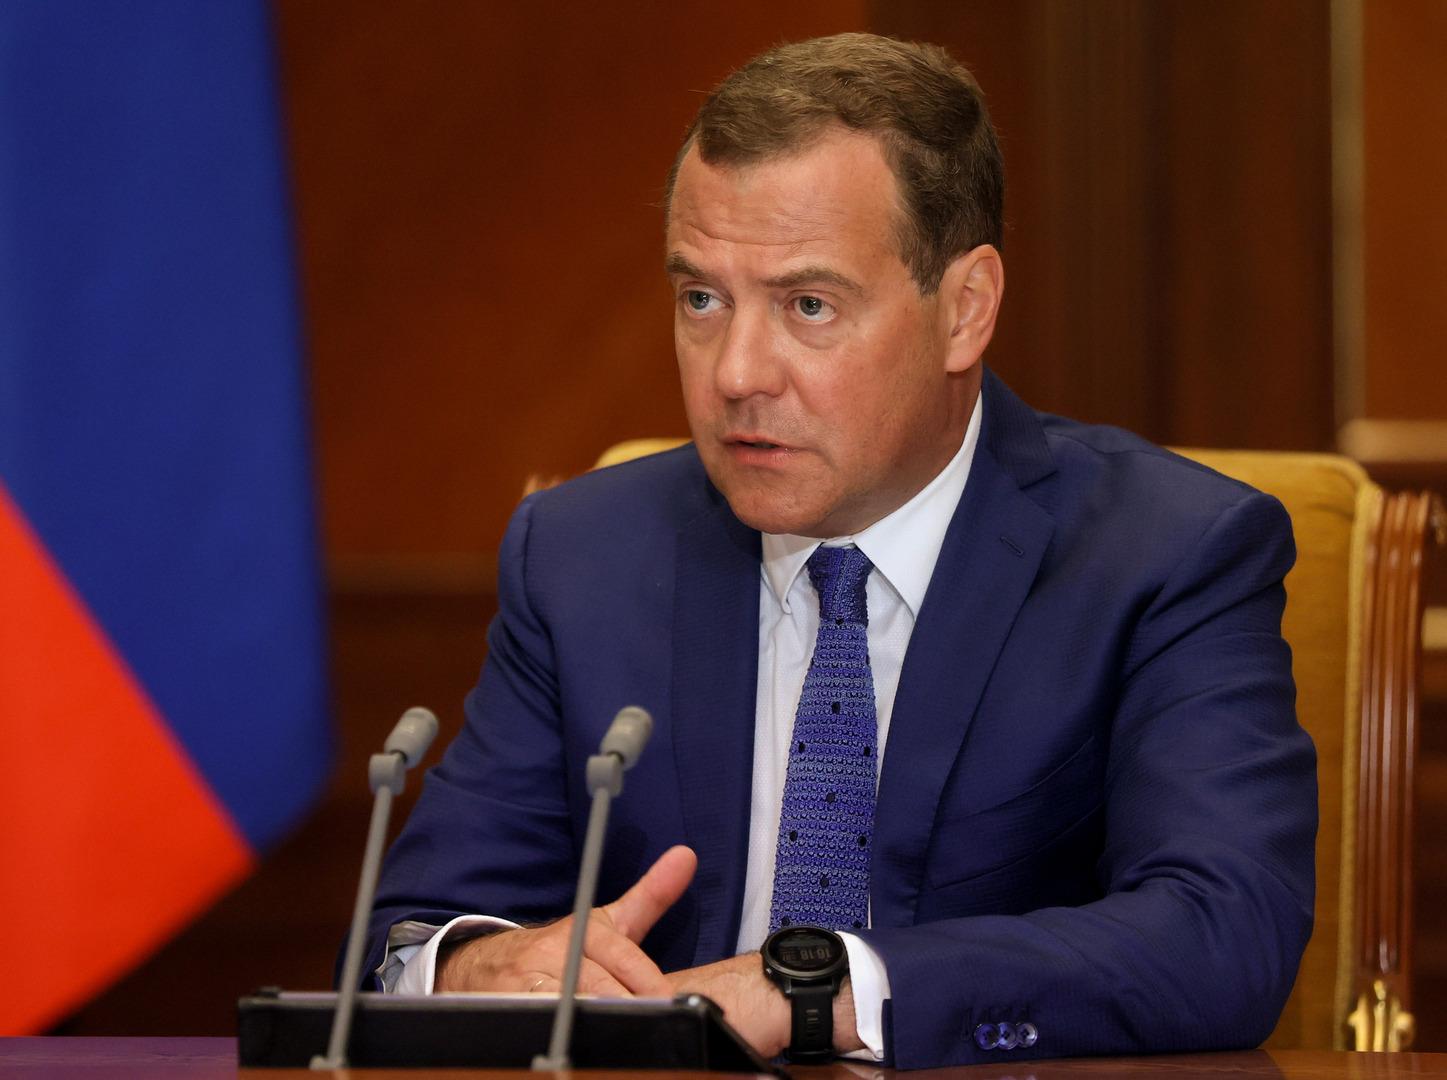 نائب رئيس مجلس الأمن الروسي، دميتري مدفيديف.